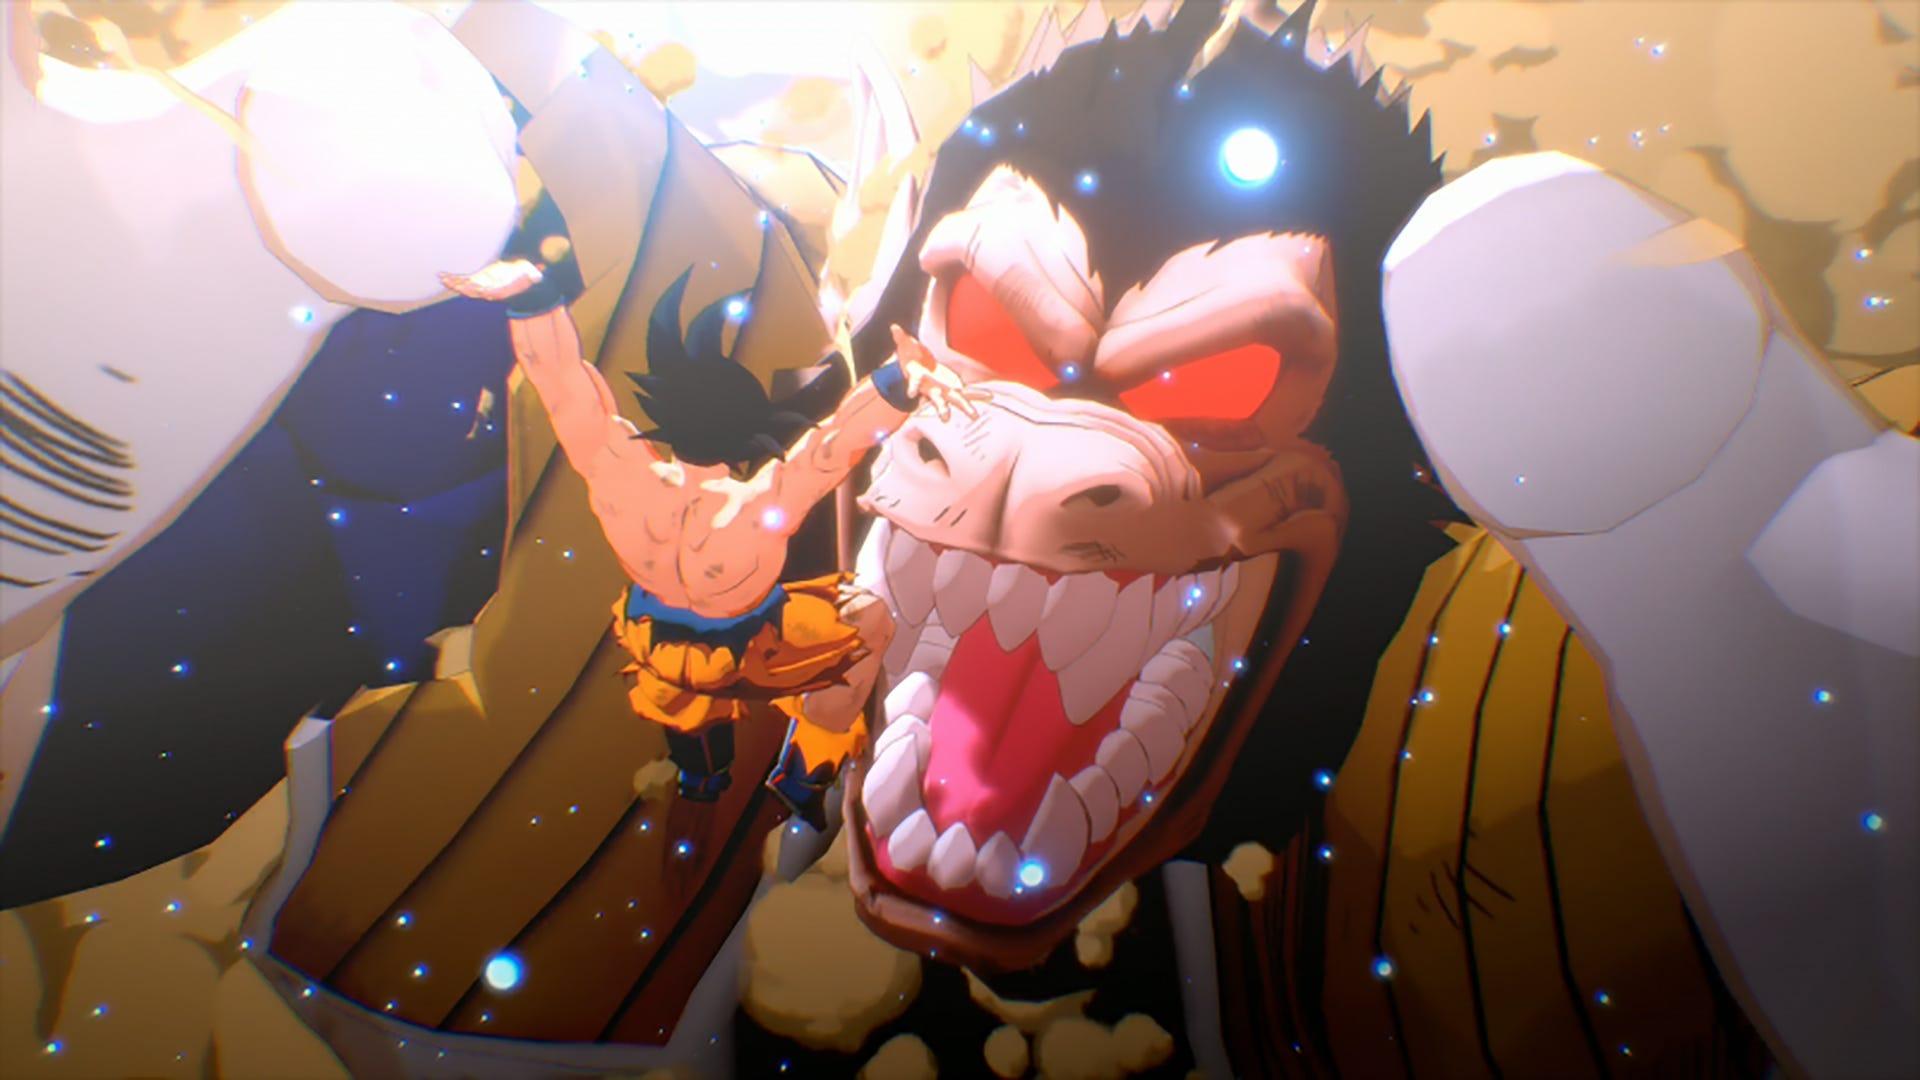 Dragon Ball Z Kakarot review: Promising but not quite over 9,000 | Technobubble